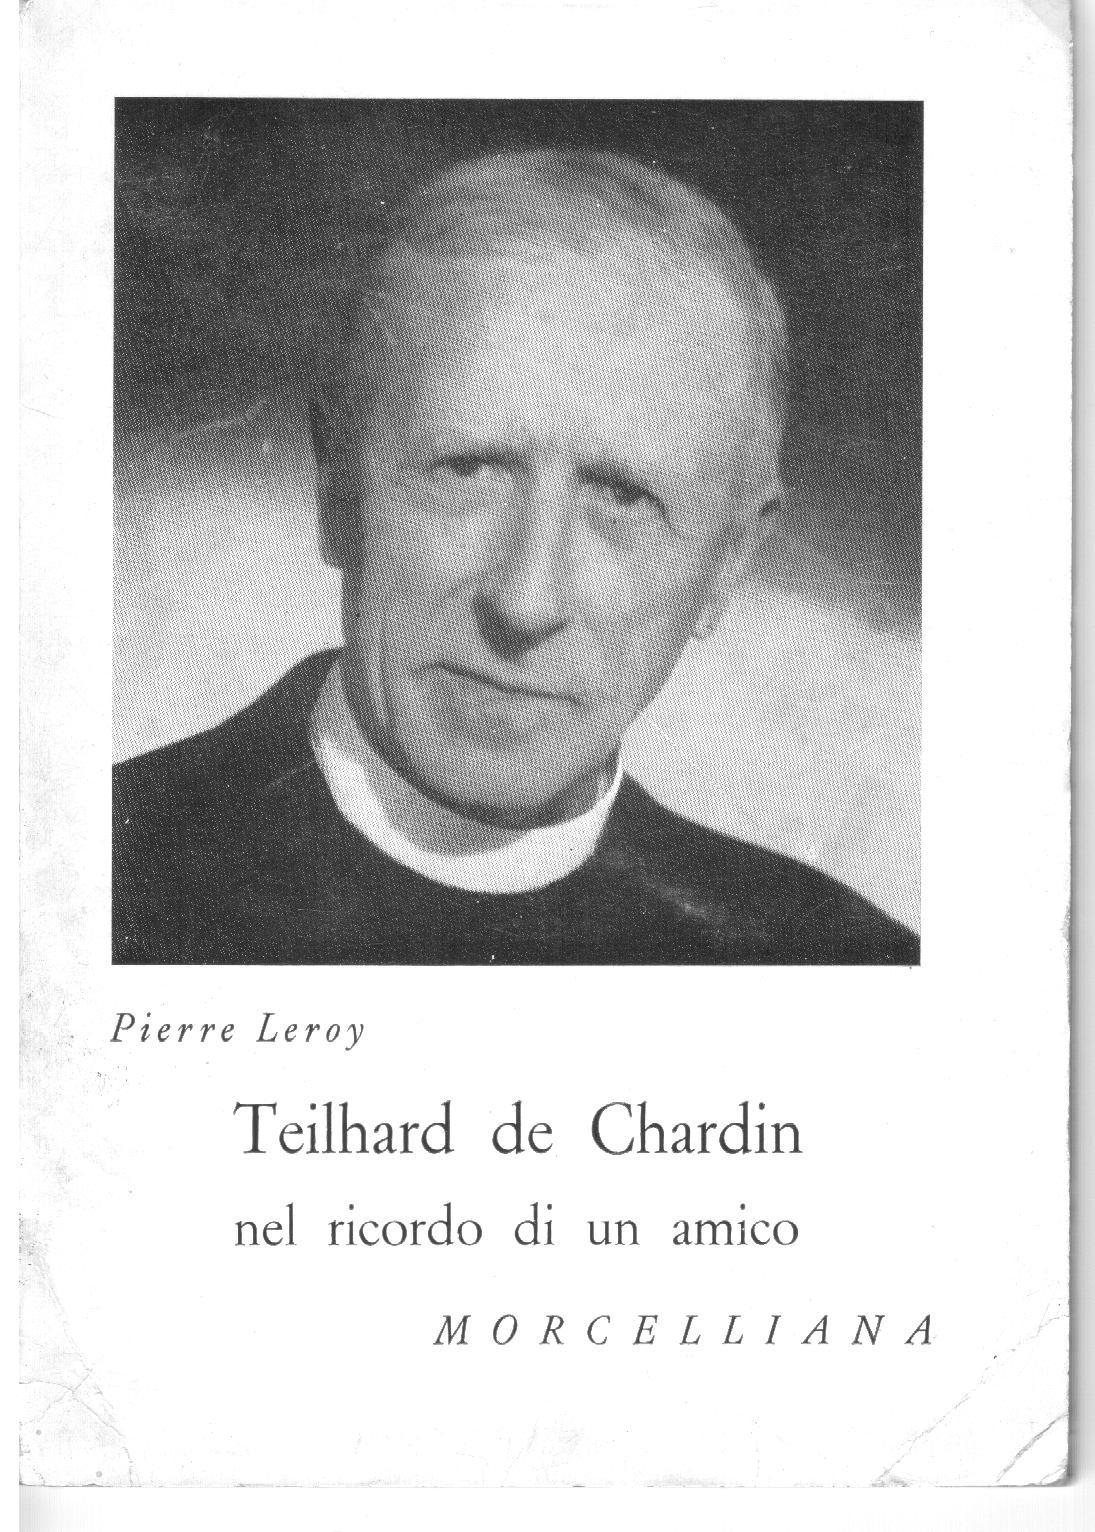 Teilhard de Chardin nel ricordo di un amico